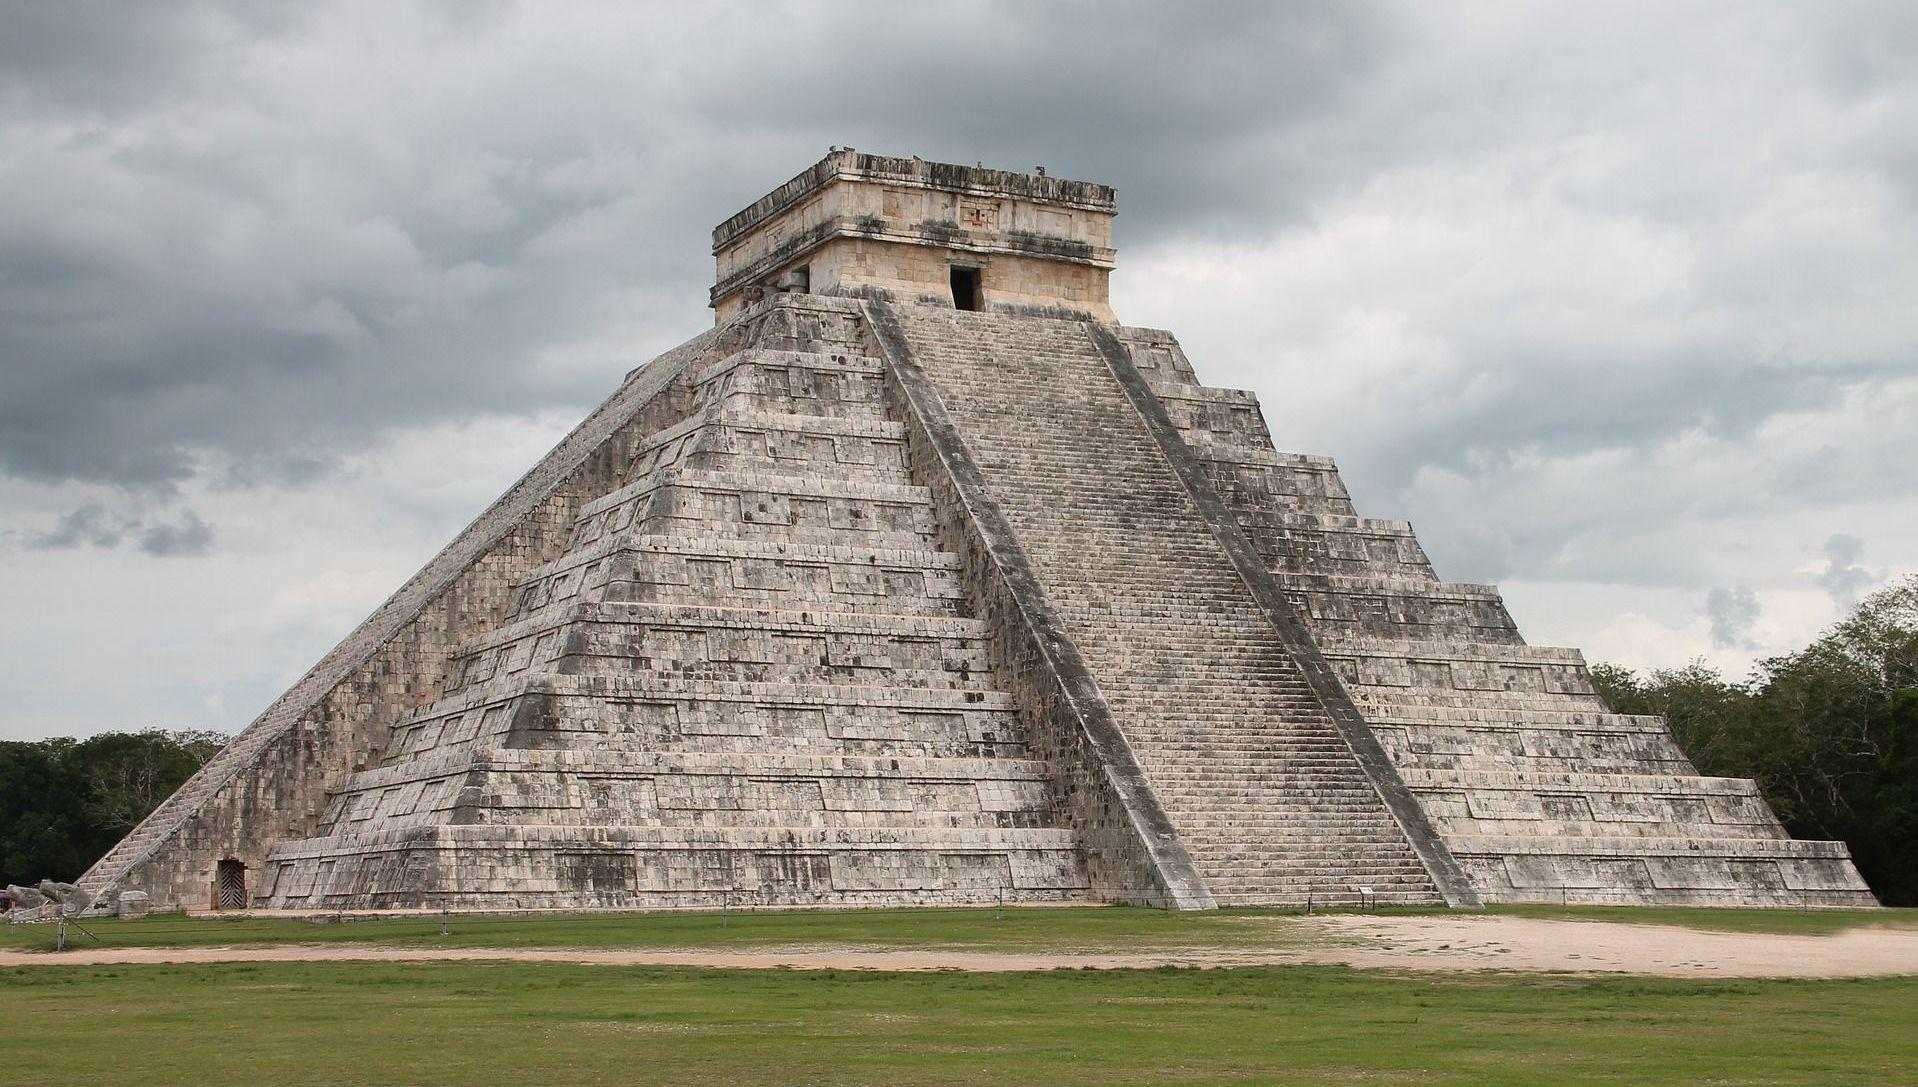 El templo de Kukulkán en Chichén Itzá, México